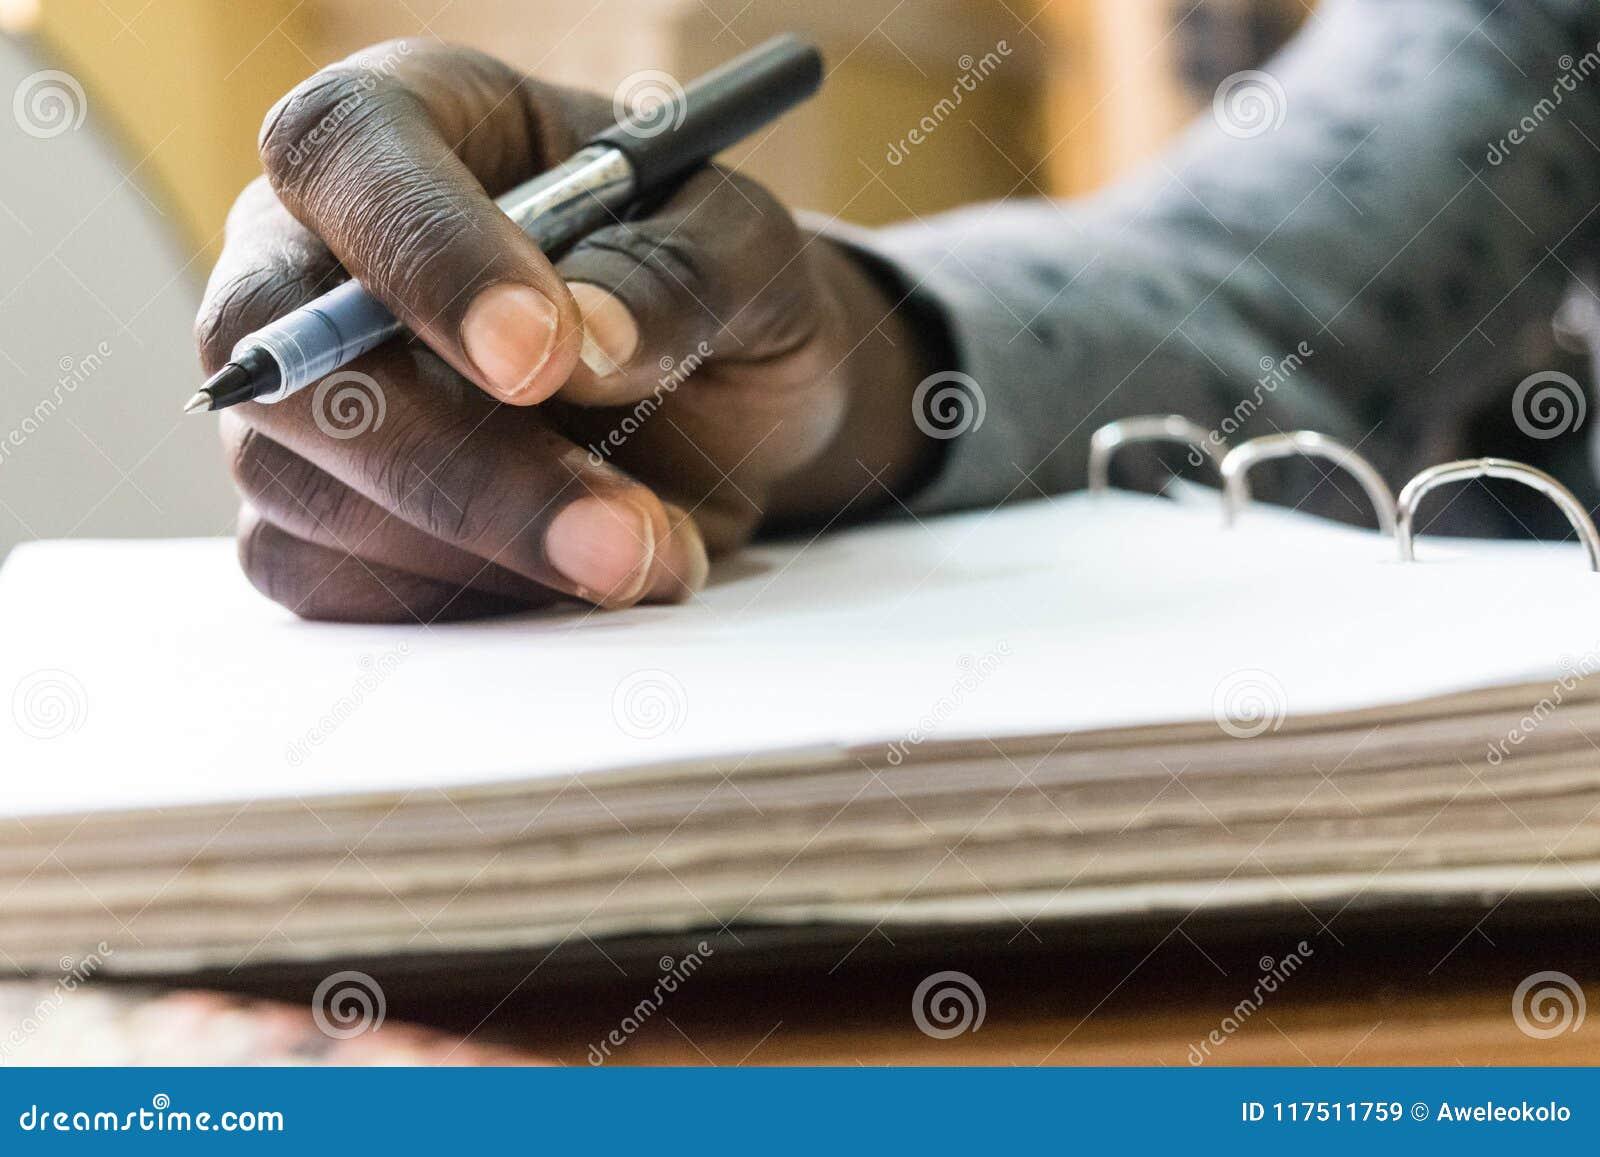 Pluma de tenencia africana del hombre a disposición a escribir en el Libro Blanco en blanco